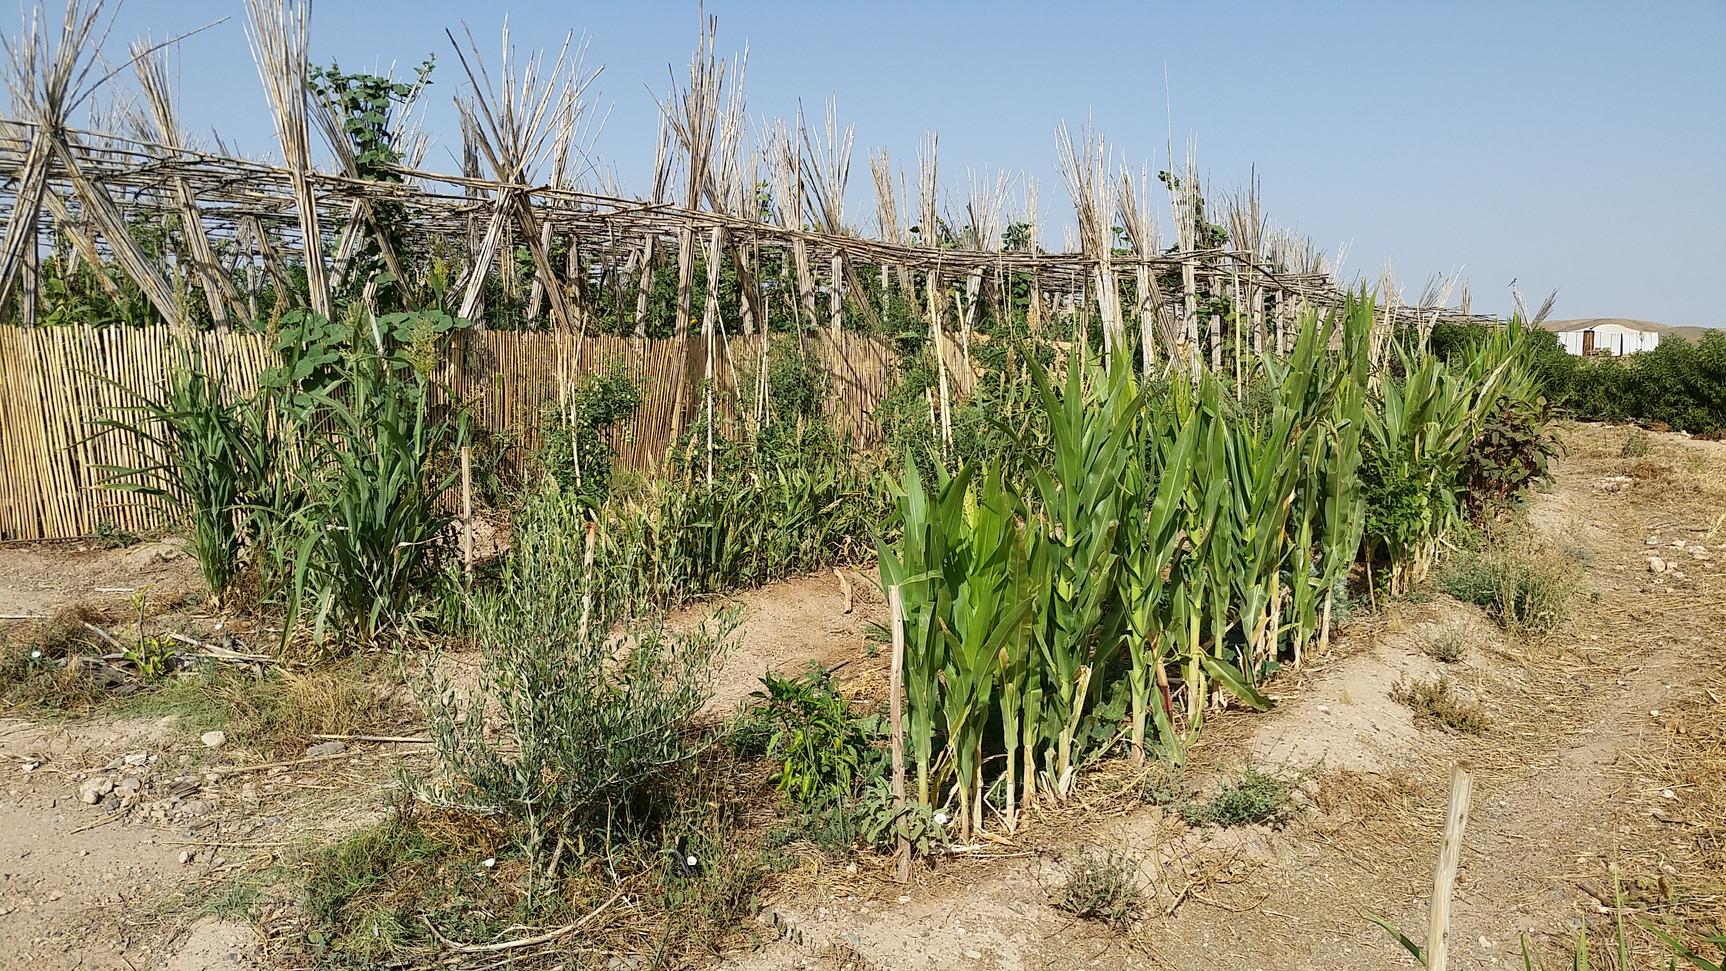 Essai de rideaux végétaux, sorgho et maïs...